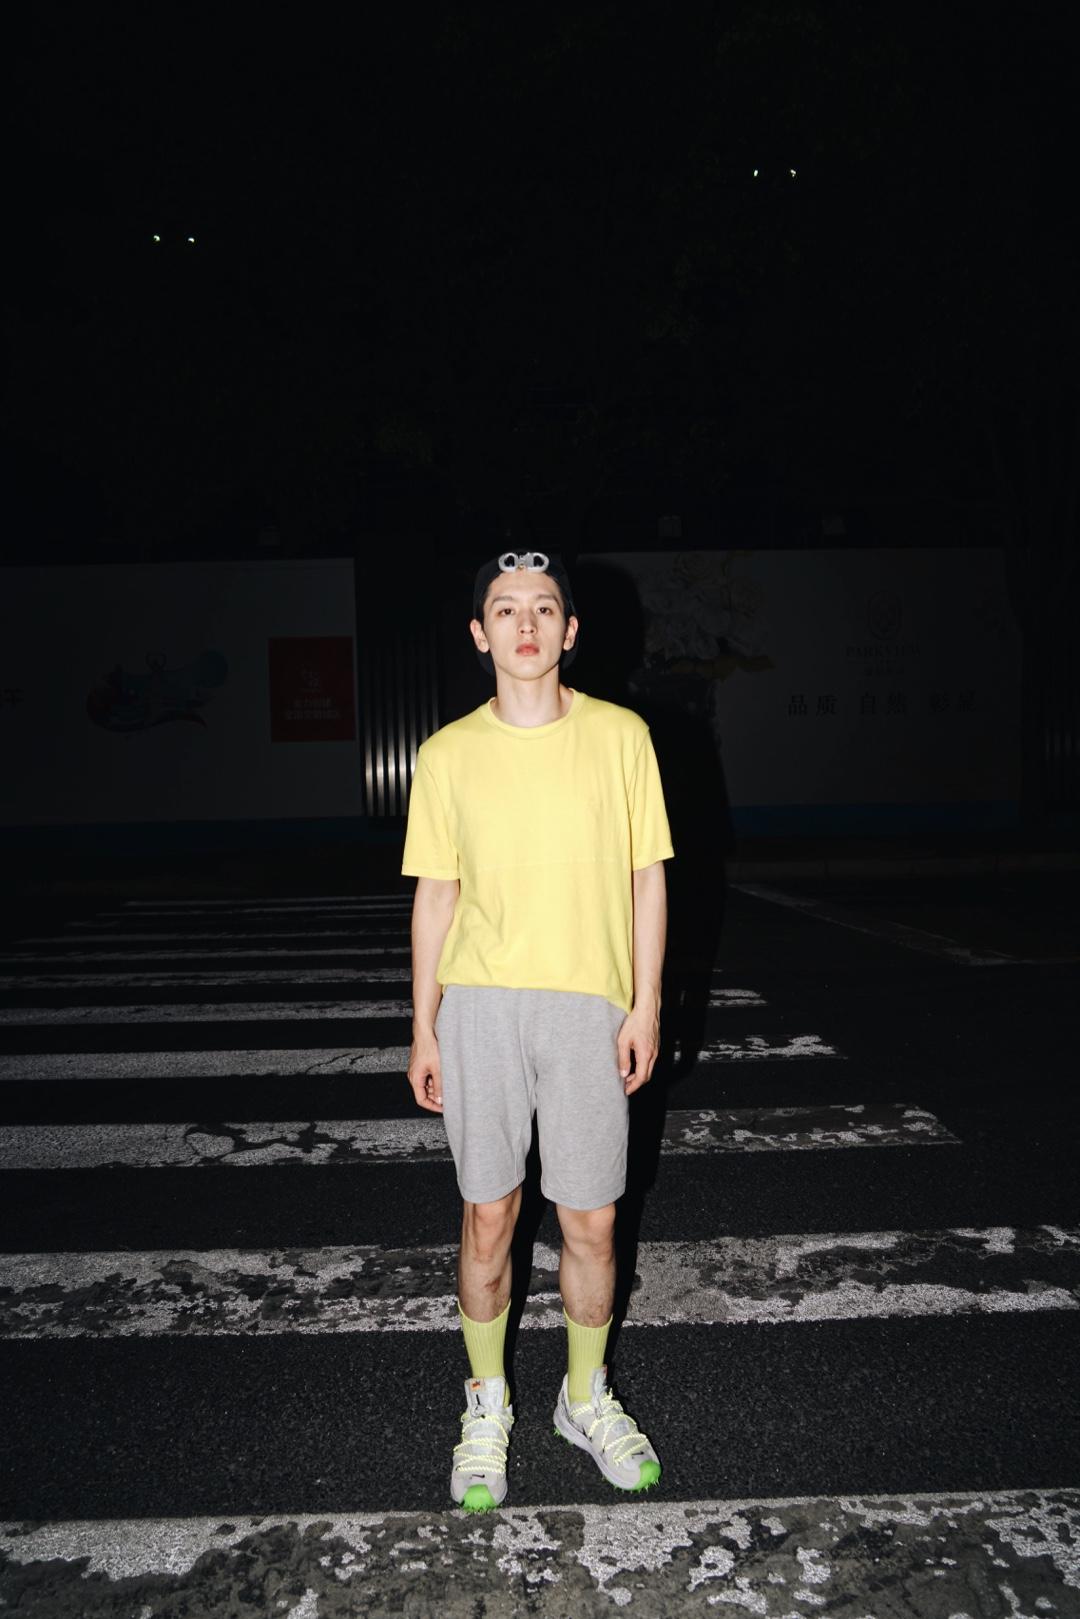 💚 夜跑穿什么|亮眼cityboy 🎩Dior 机能不造作  👕Lacoste 超软不变形  👖Lululemon 舒服到跳探戈  🧦almond rocks 最潮没有之一  👟OW x Nike Zoom Terra Kiger 5 不爱跑步的人最值得买的跑步鞋   #ootd#